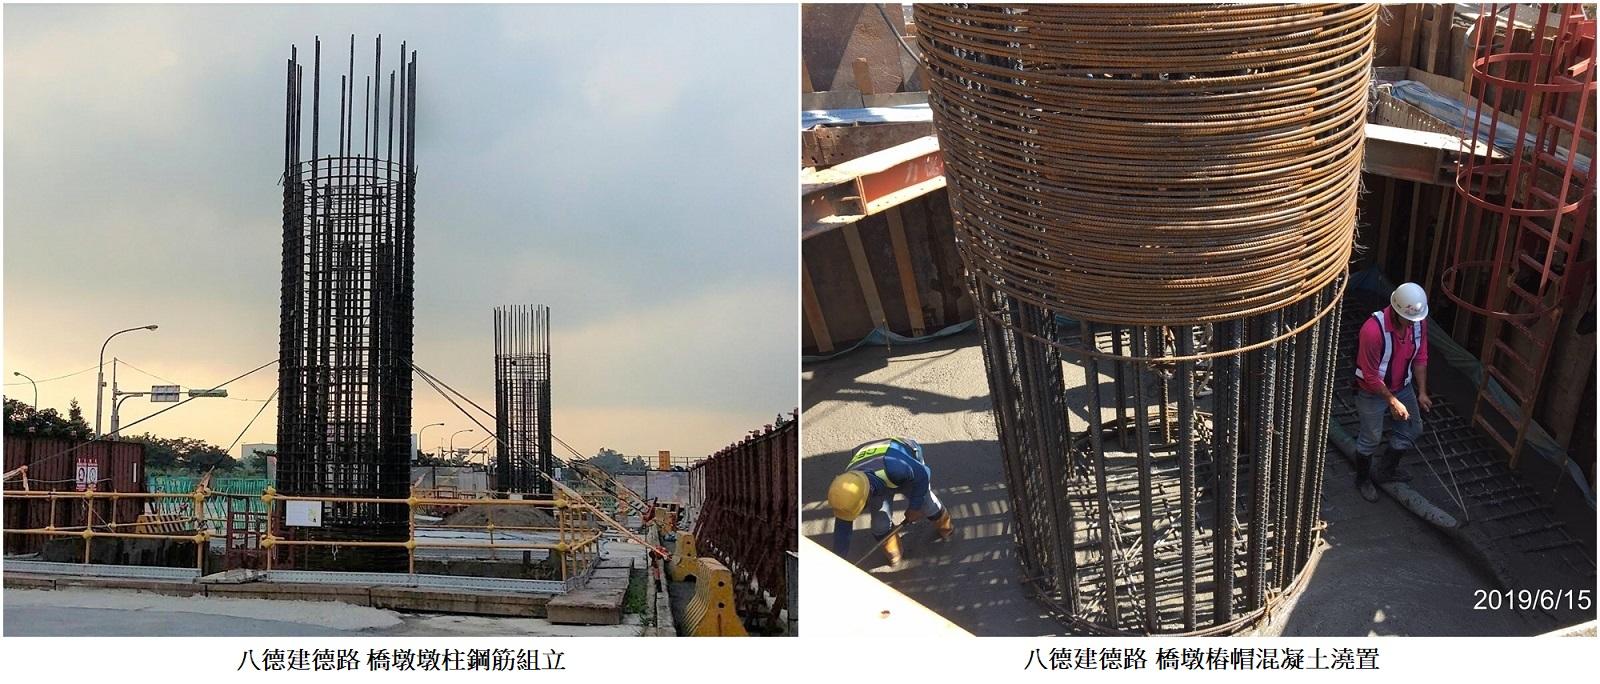 八德建德路 橋墩墩柱鋼筋組立 & 橋墩樁帽混凝土澆置